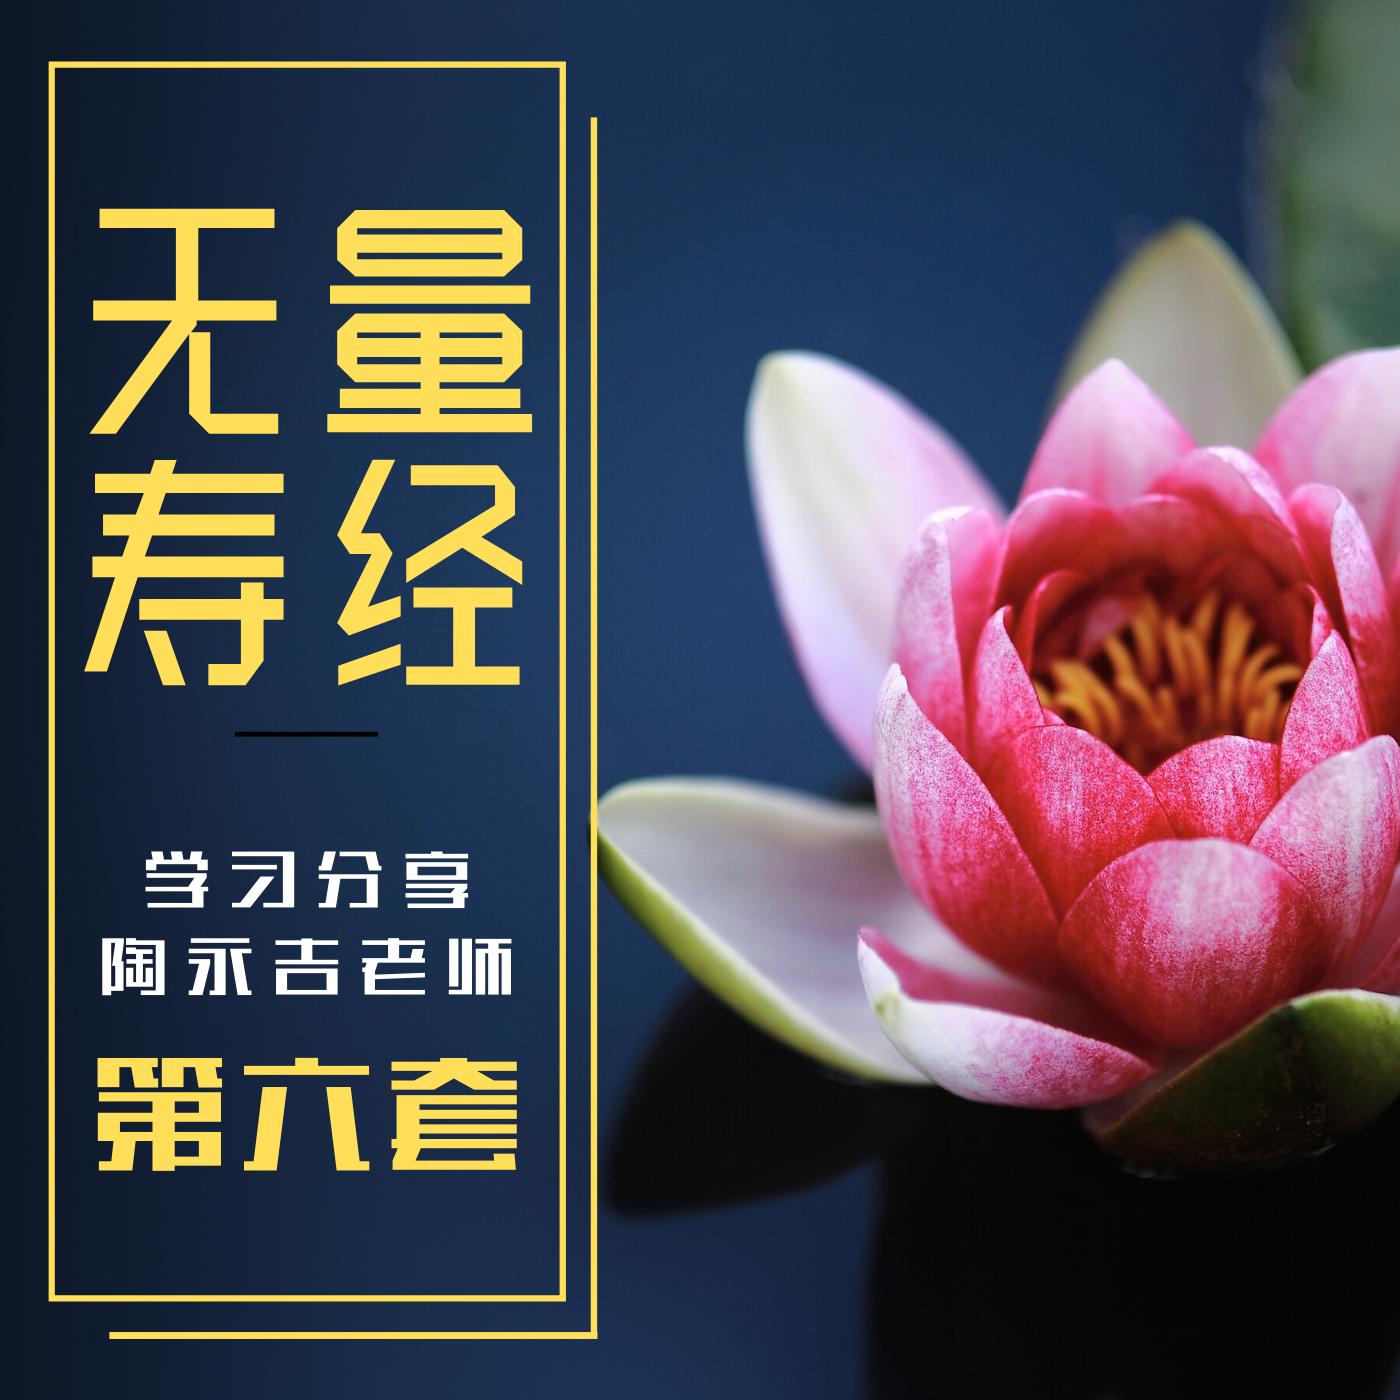 无量寿经丨陶老师学习分享第六套